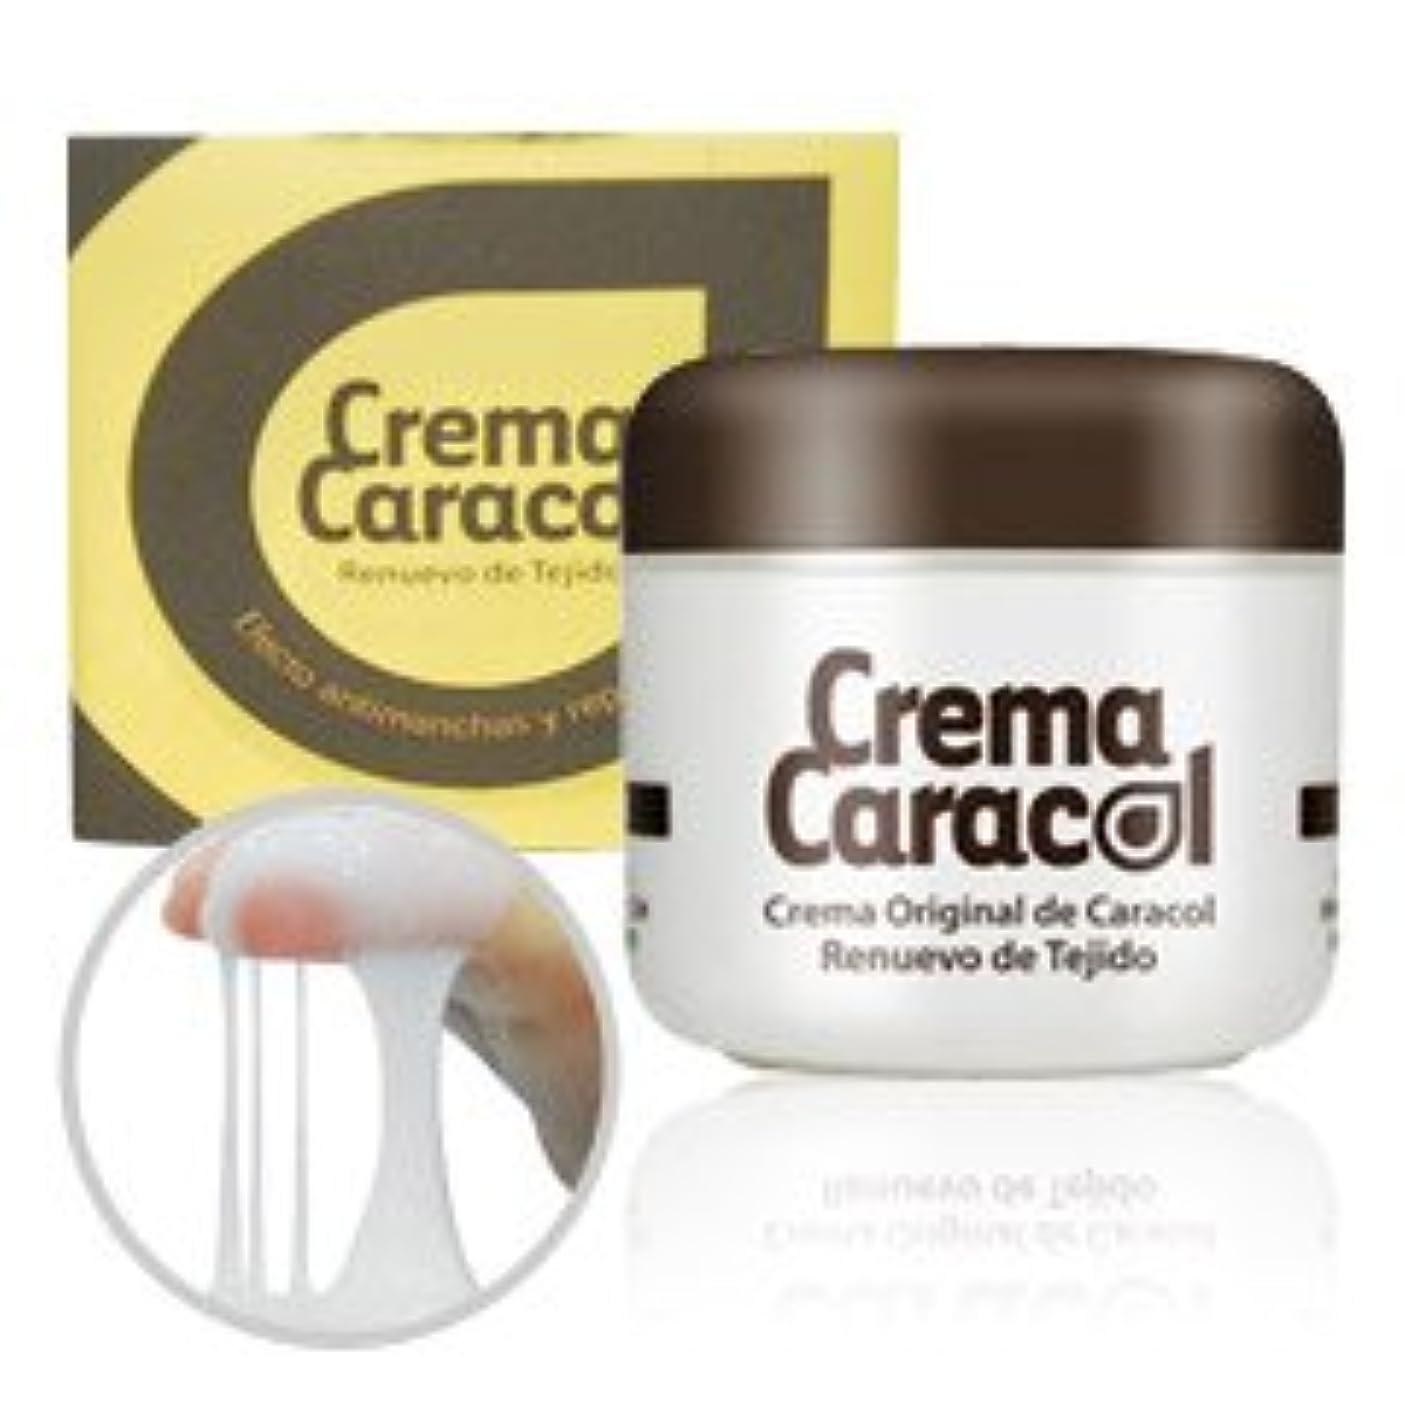 症状ビジュアルベストcrema caracol(カラコール) かたつむりクリーム 3個セット